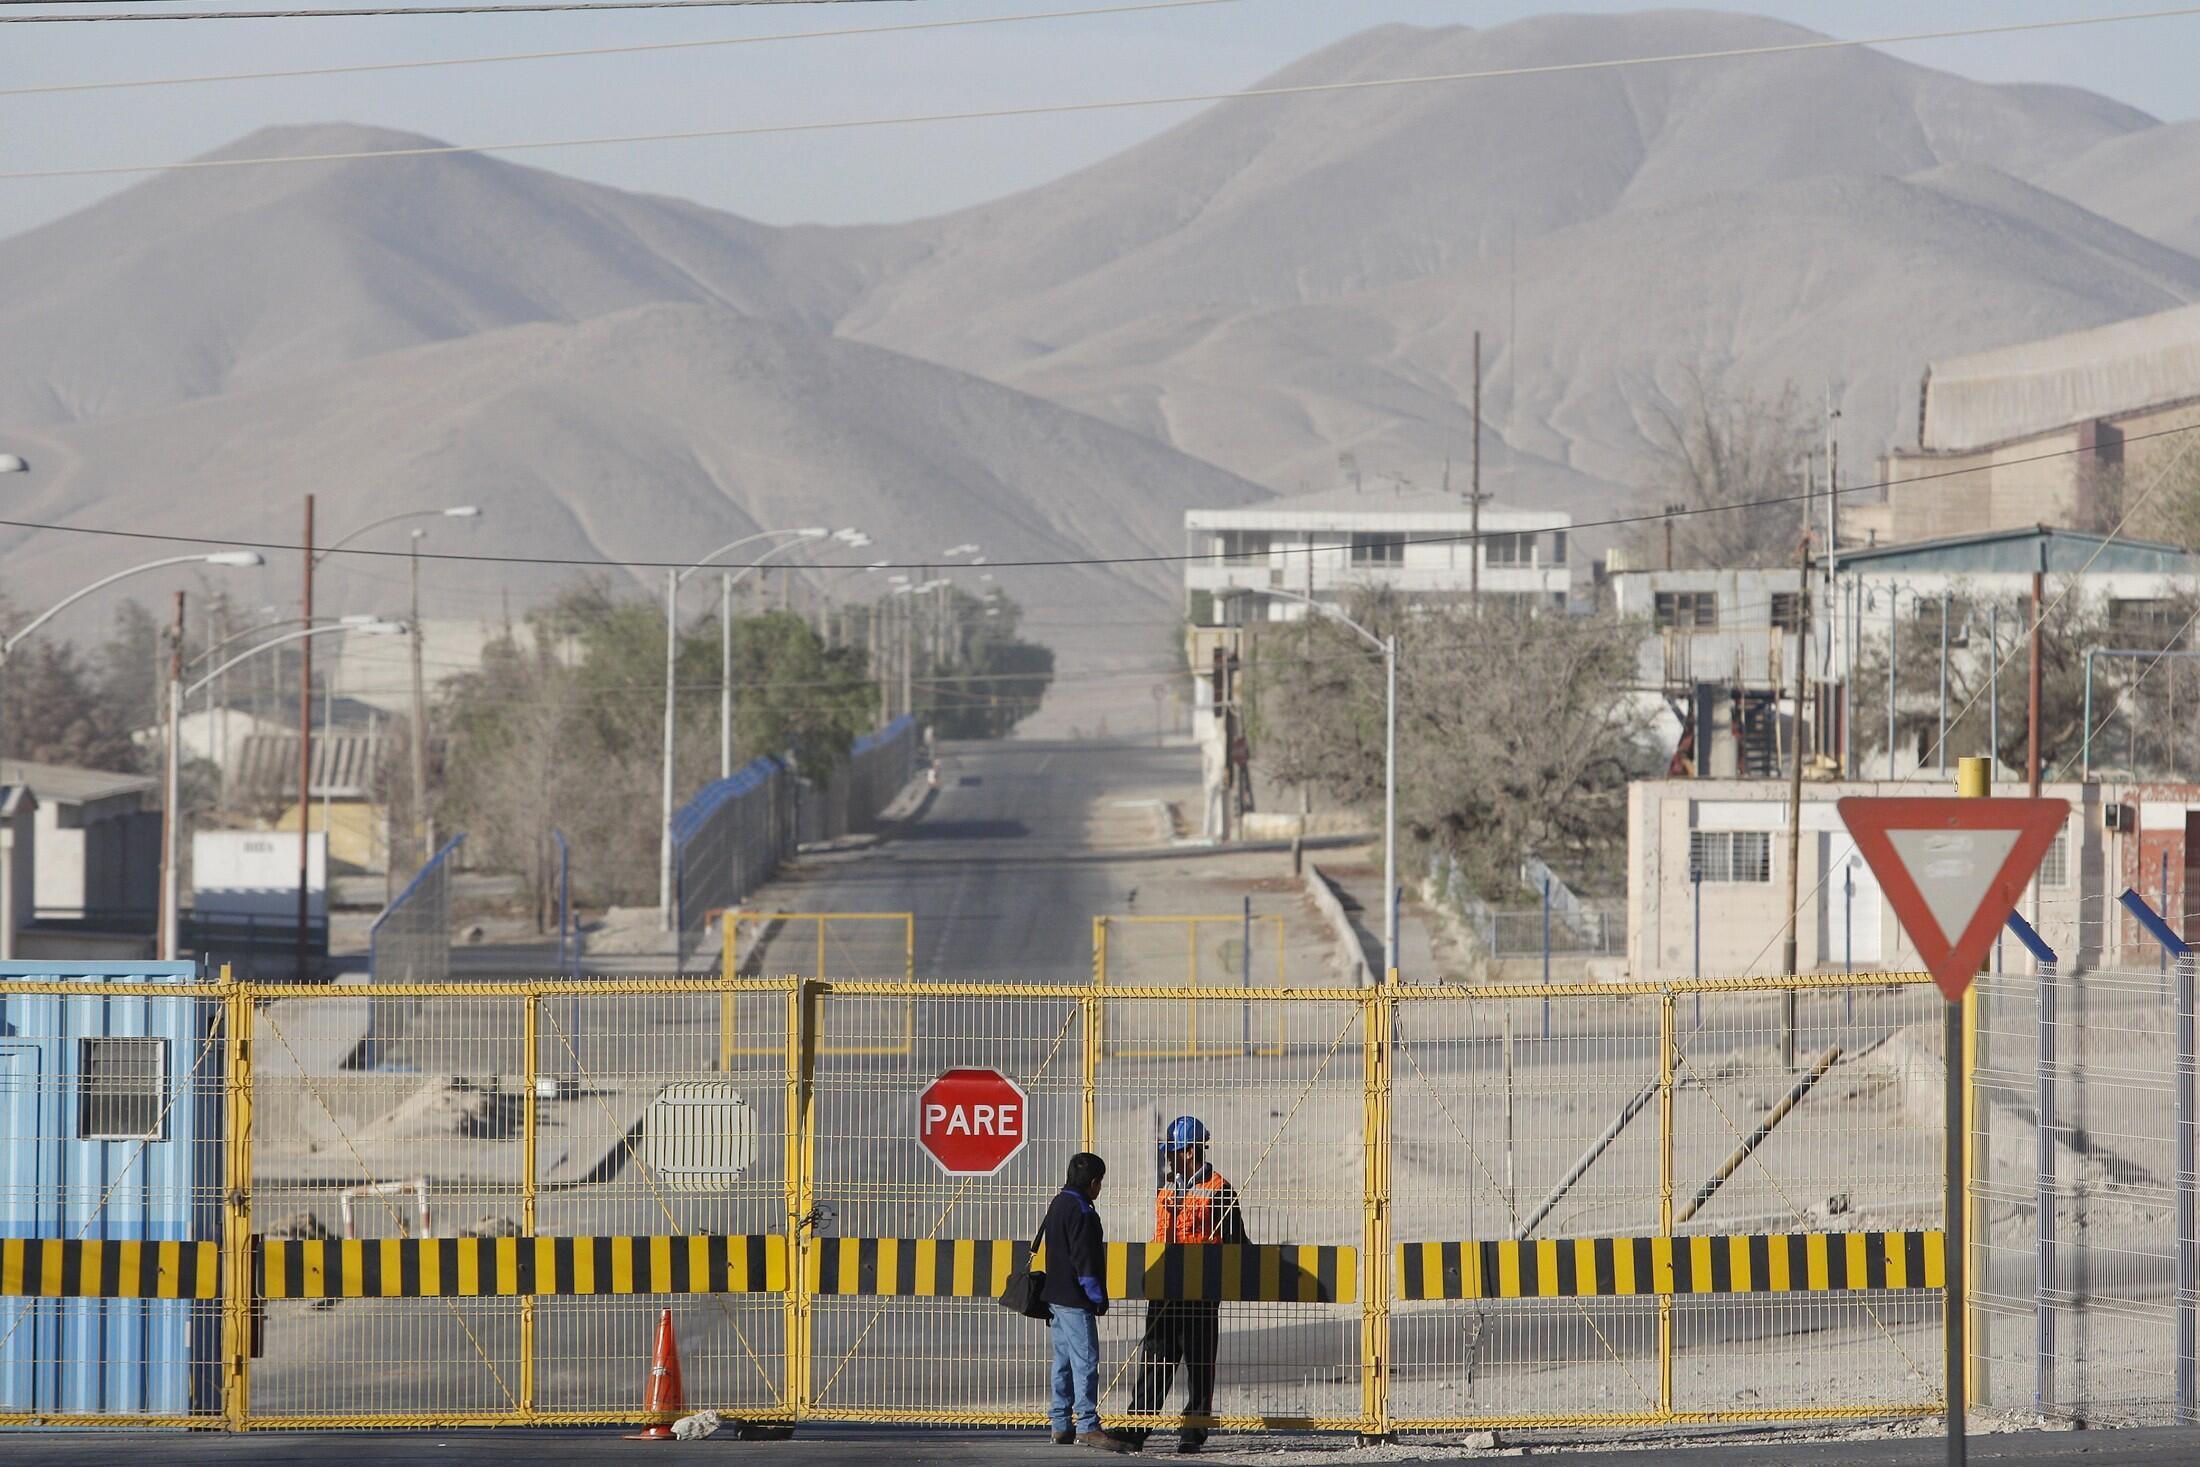 L'entrée du complexe de Chuquicamata, la plus grande mine de cuivre à ciel ouvert au monde, dans le désert d'Atacama au Chili.